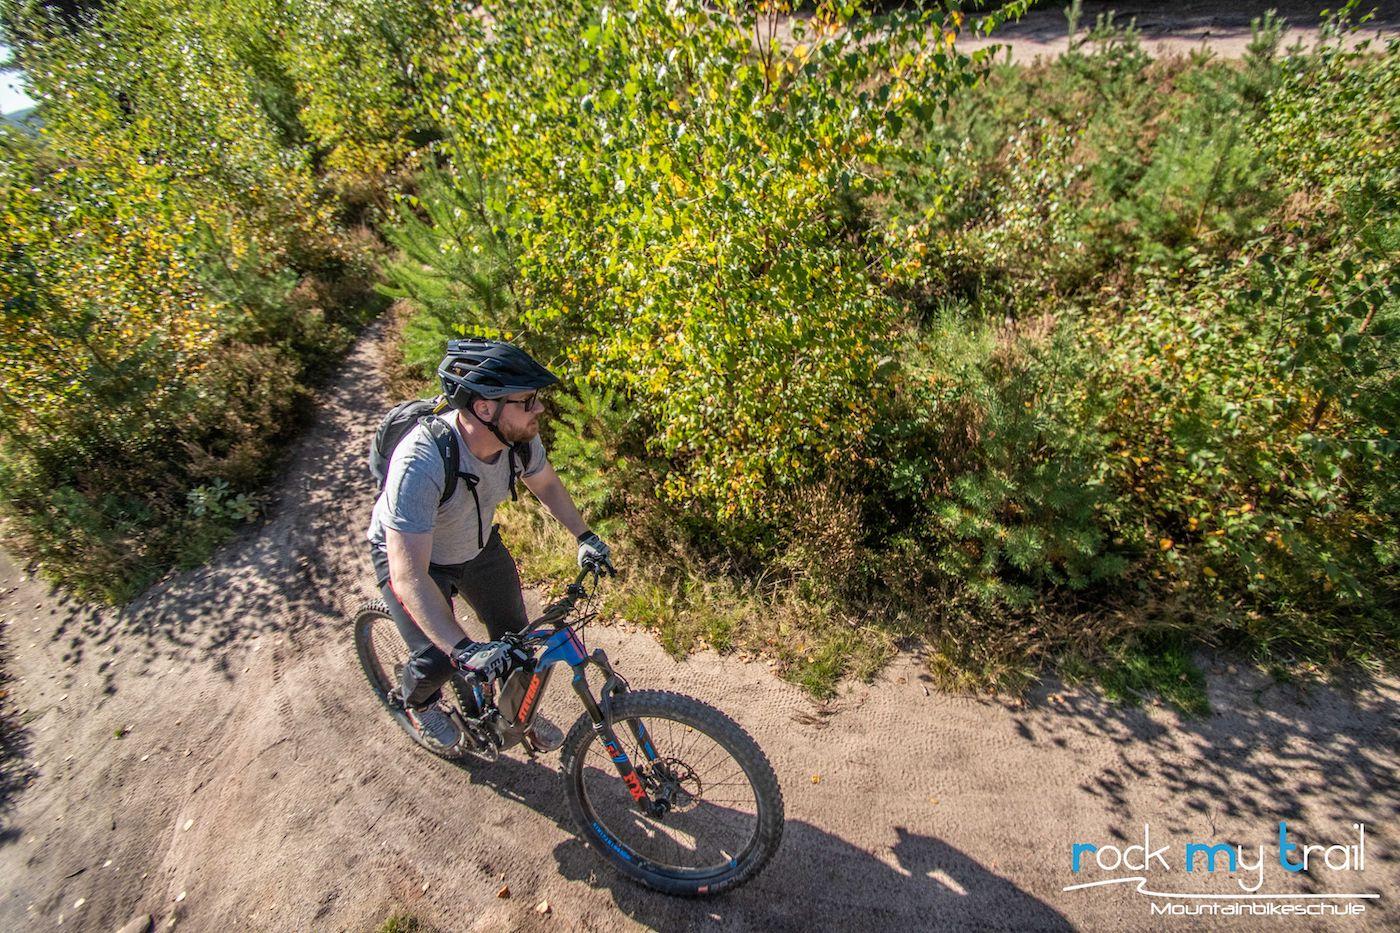 eMTB Fahrtechnik Einsteiger Siegburg Bonn eBike Kurs für eBike Einsteiger_Rock my Trail Bikeschule - 39